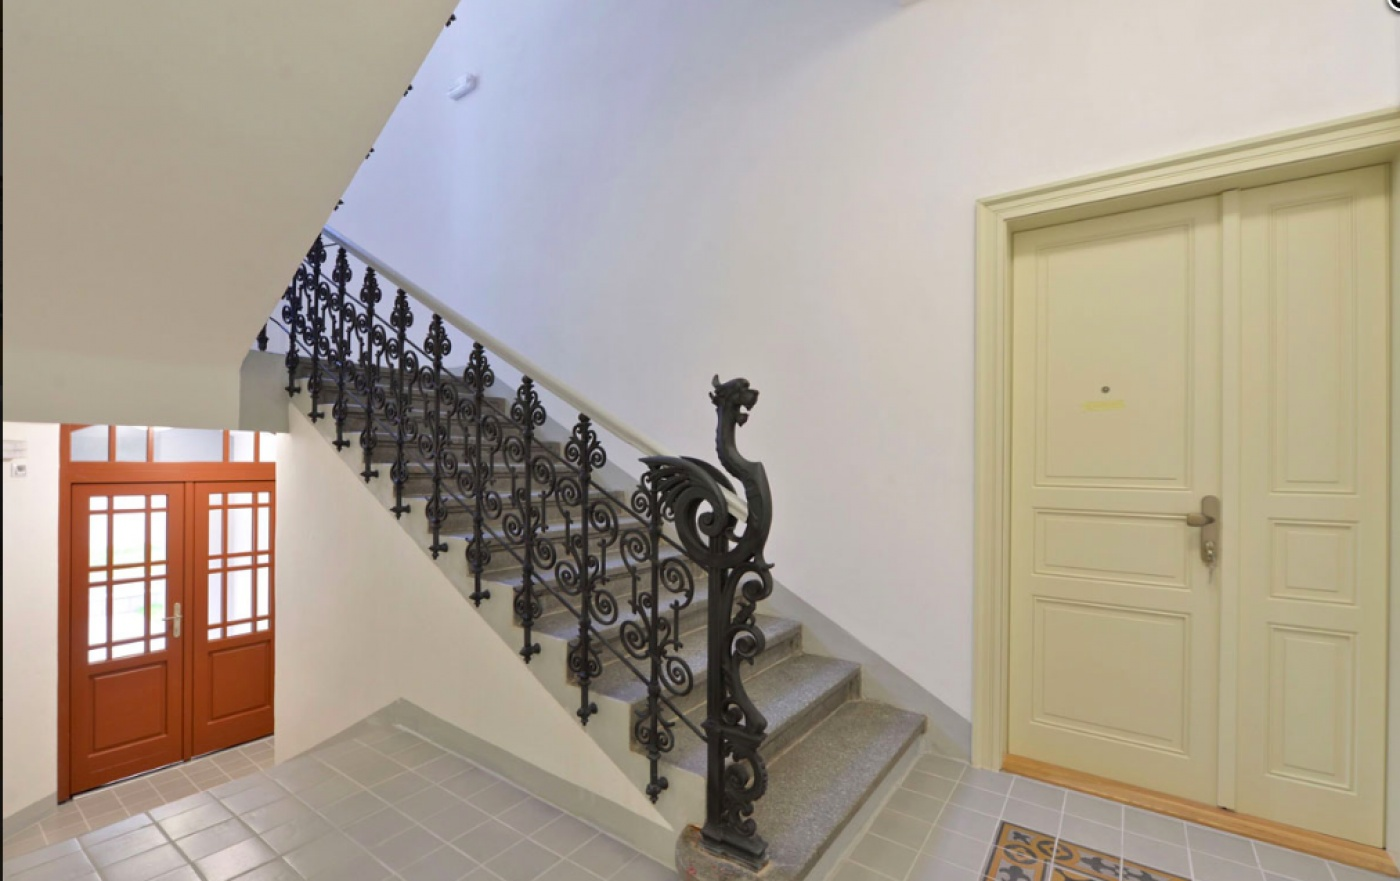 Půdní byt 3+kk, plocha 88 m², ulice Vratislavova, Praha 2 - Vyšehrad | 3